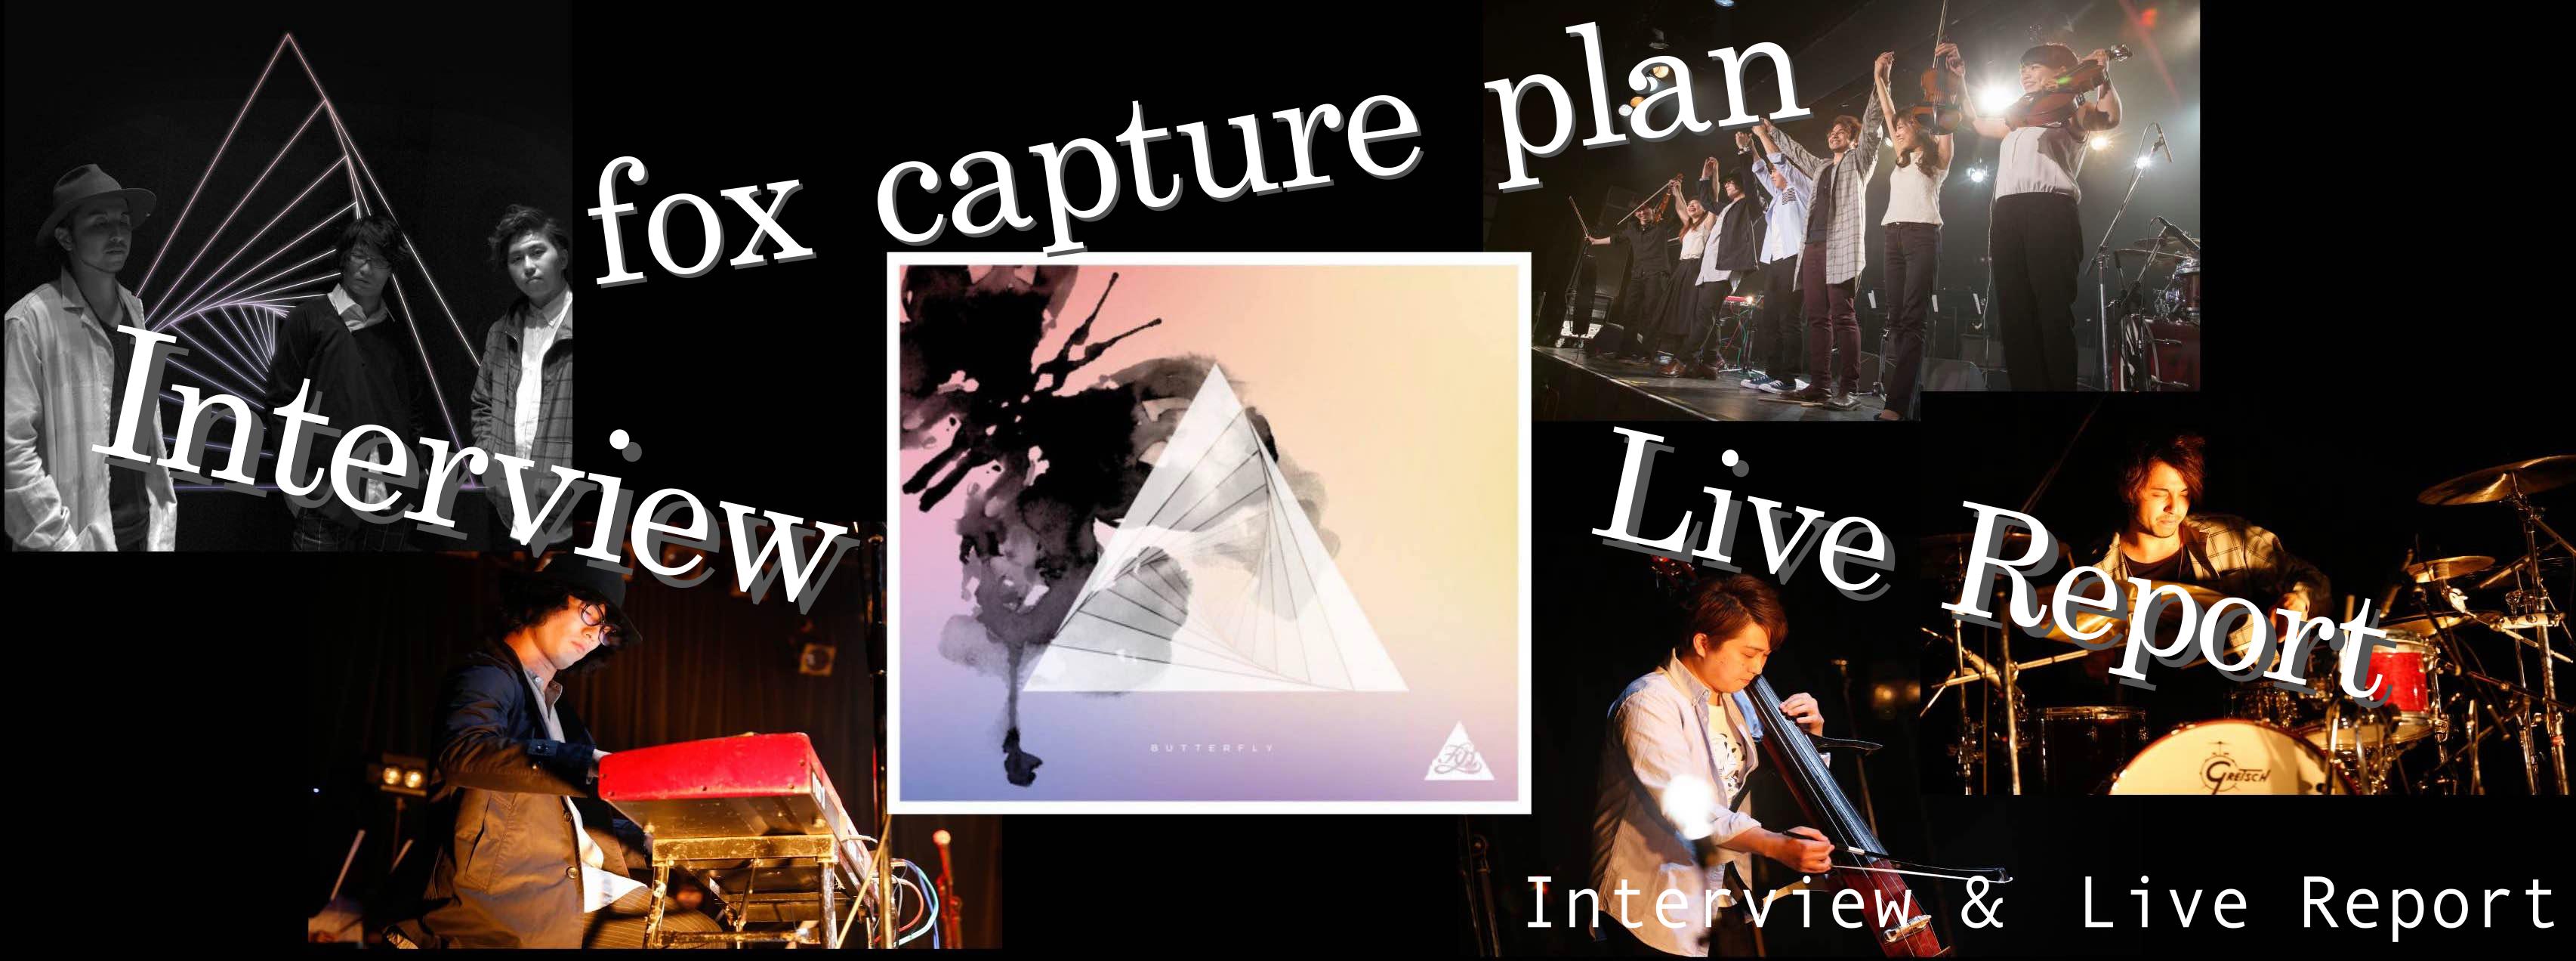 今、注目のバンド! fox capture plan インタビュー&LIVEレポート